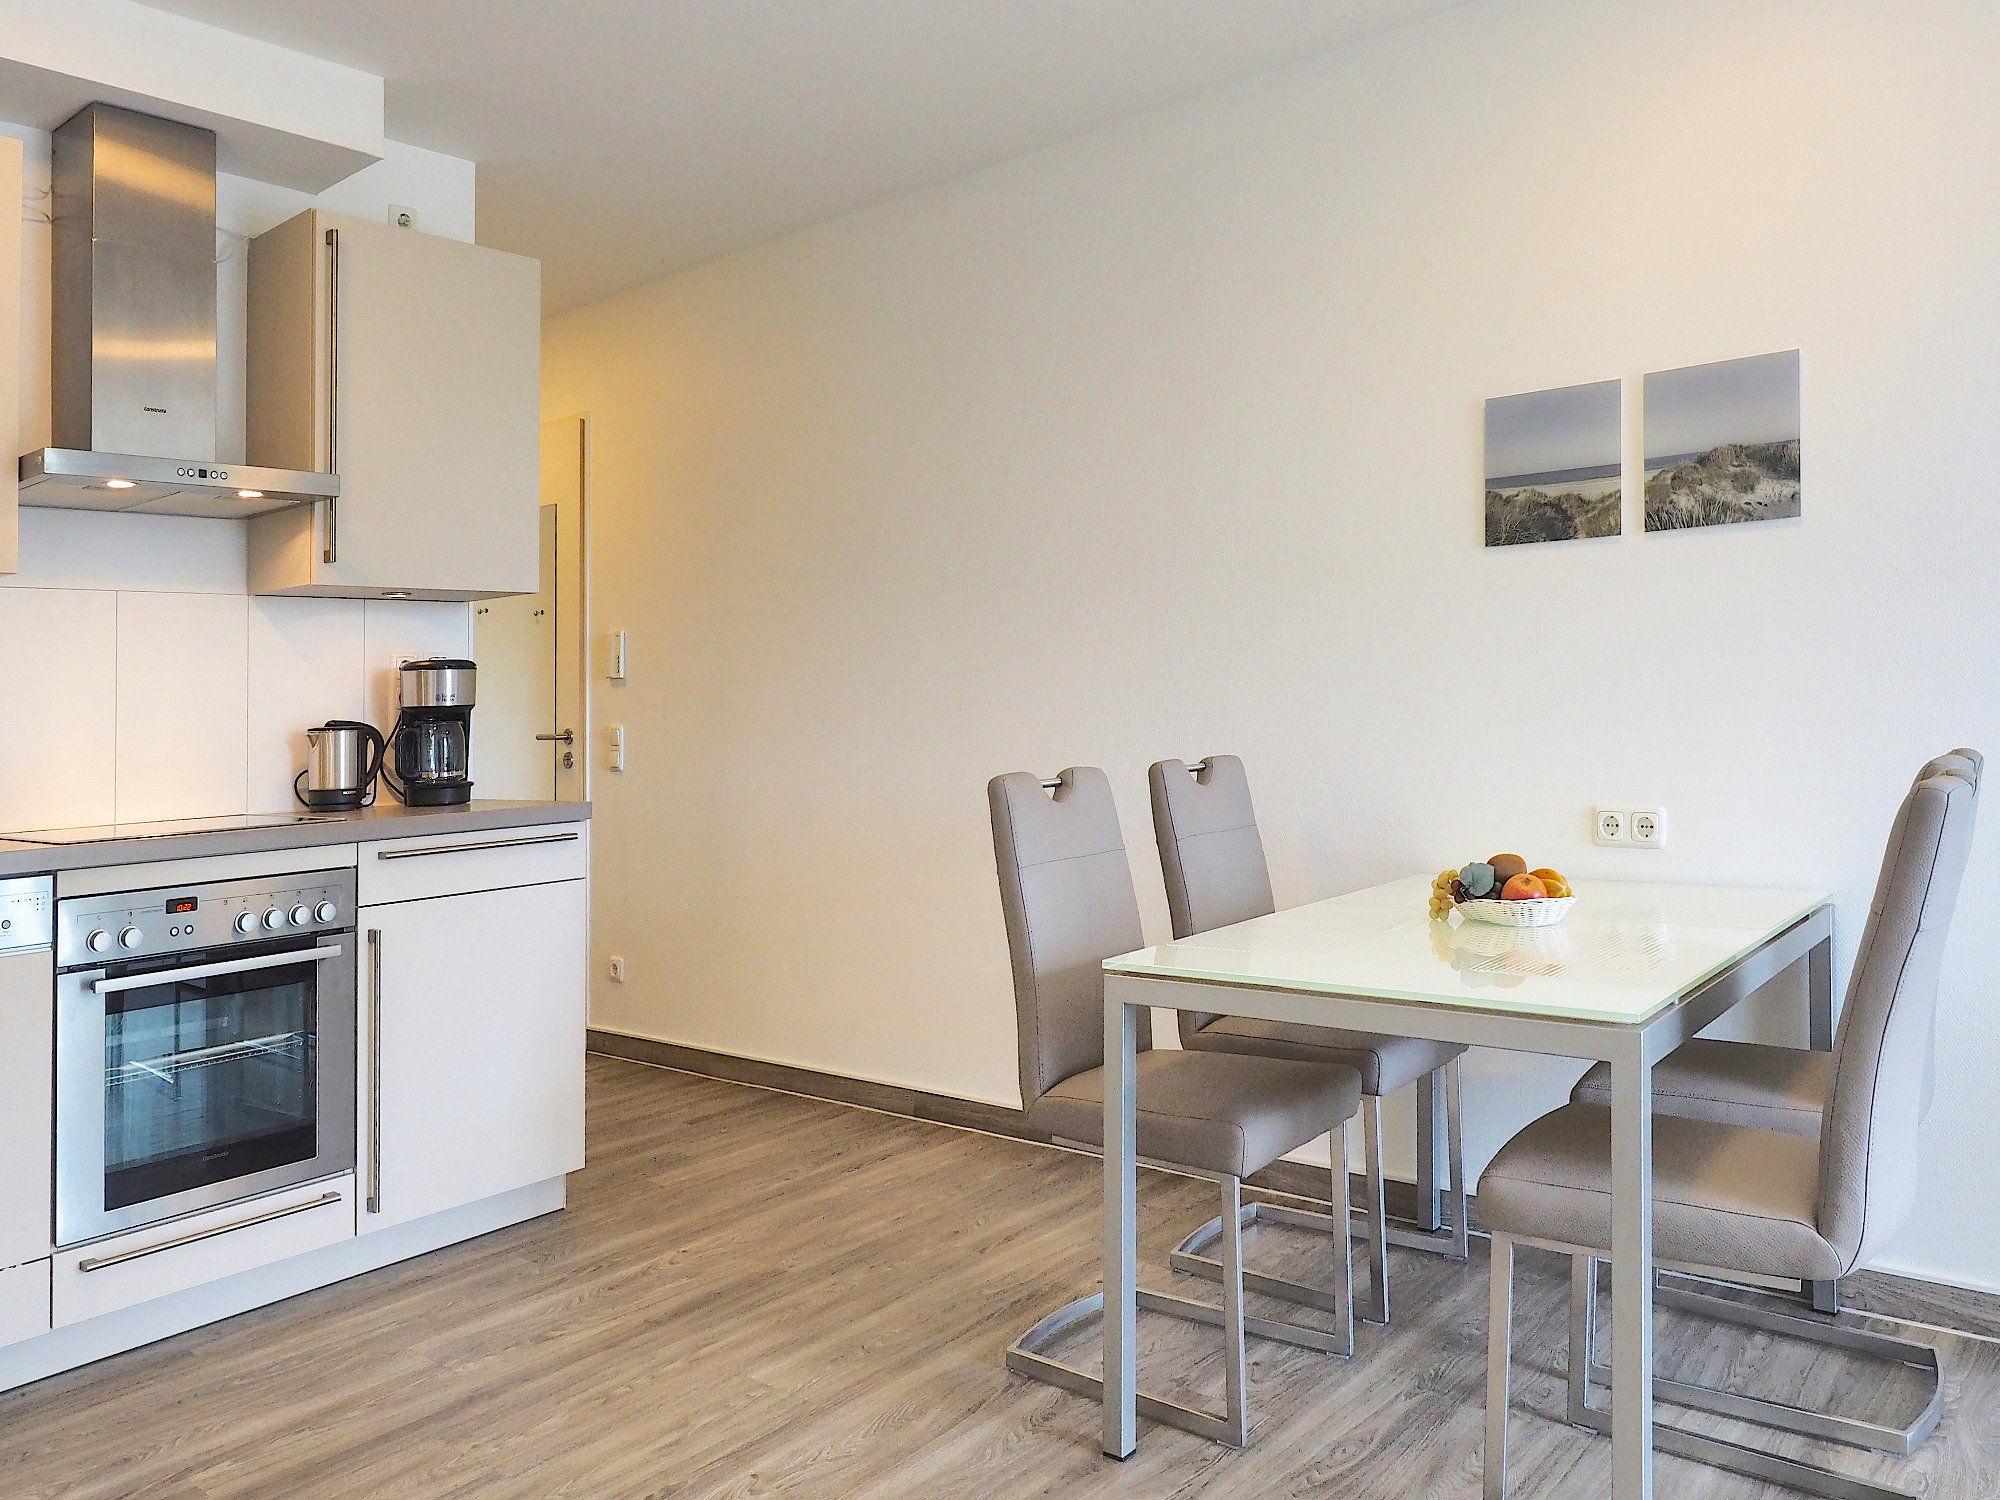 Esstisch mit vier Stühlen und moderne Küchenzeile